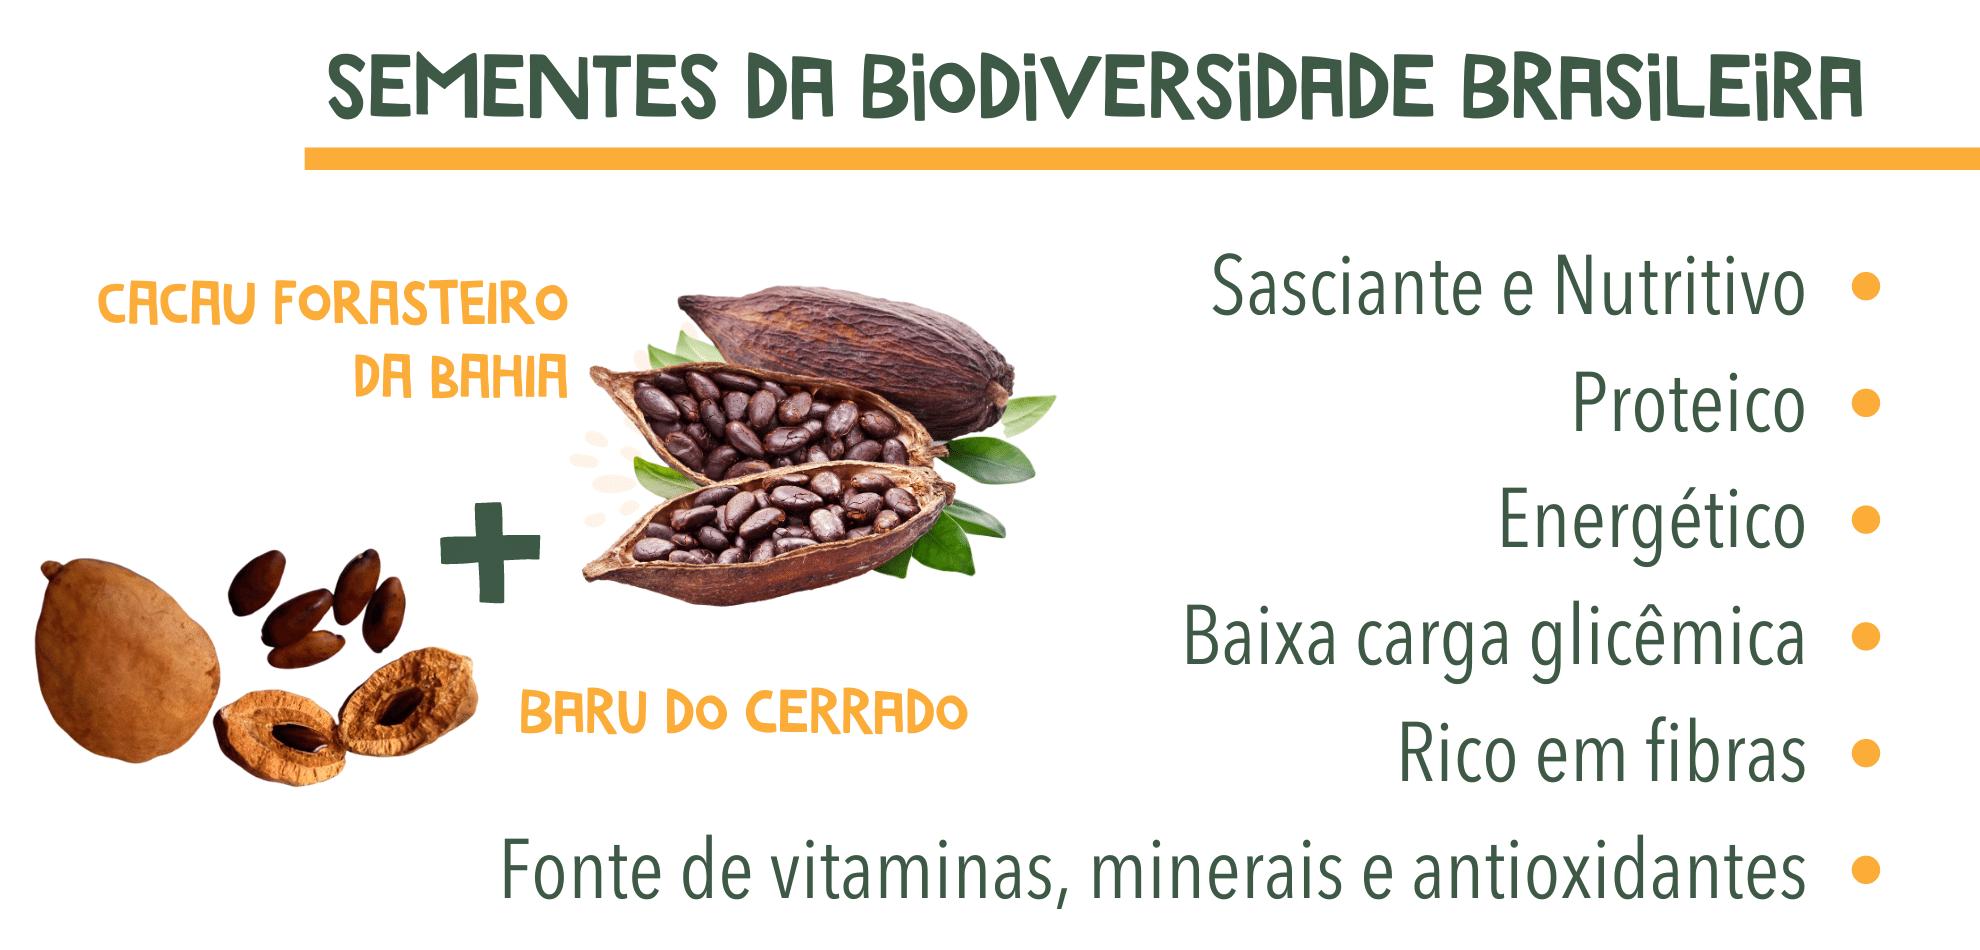 baru cacao snacks cookoa 3